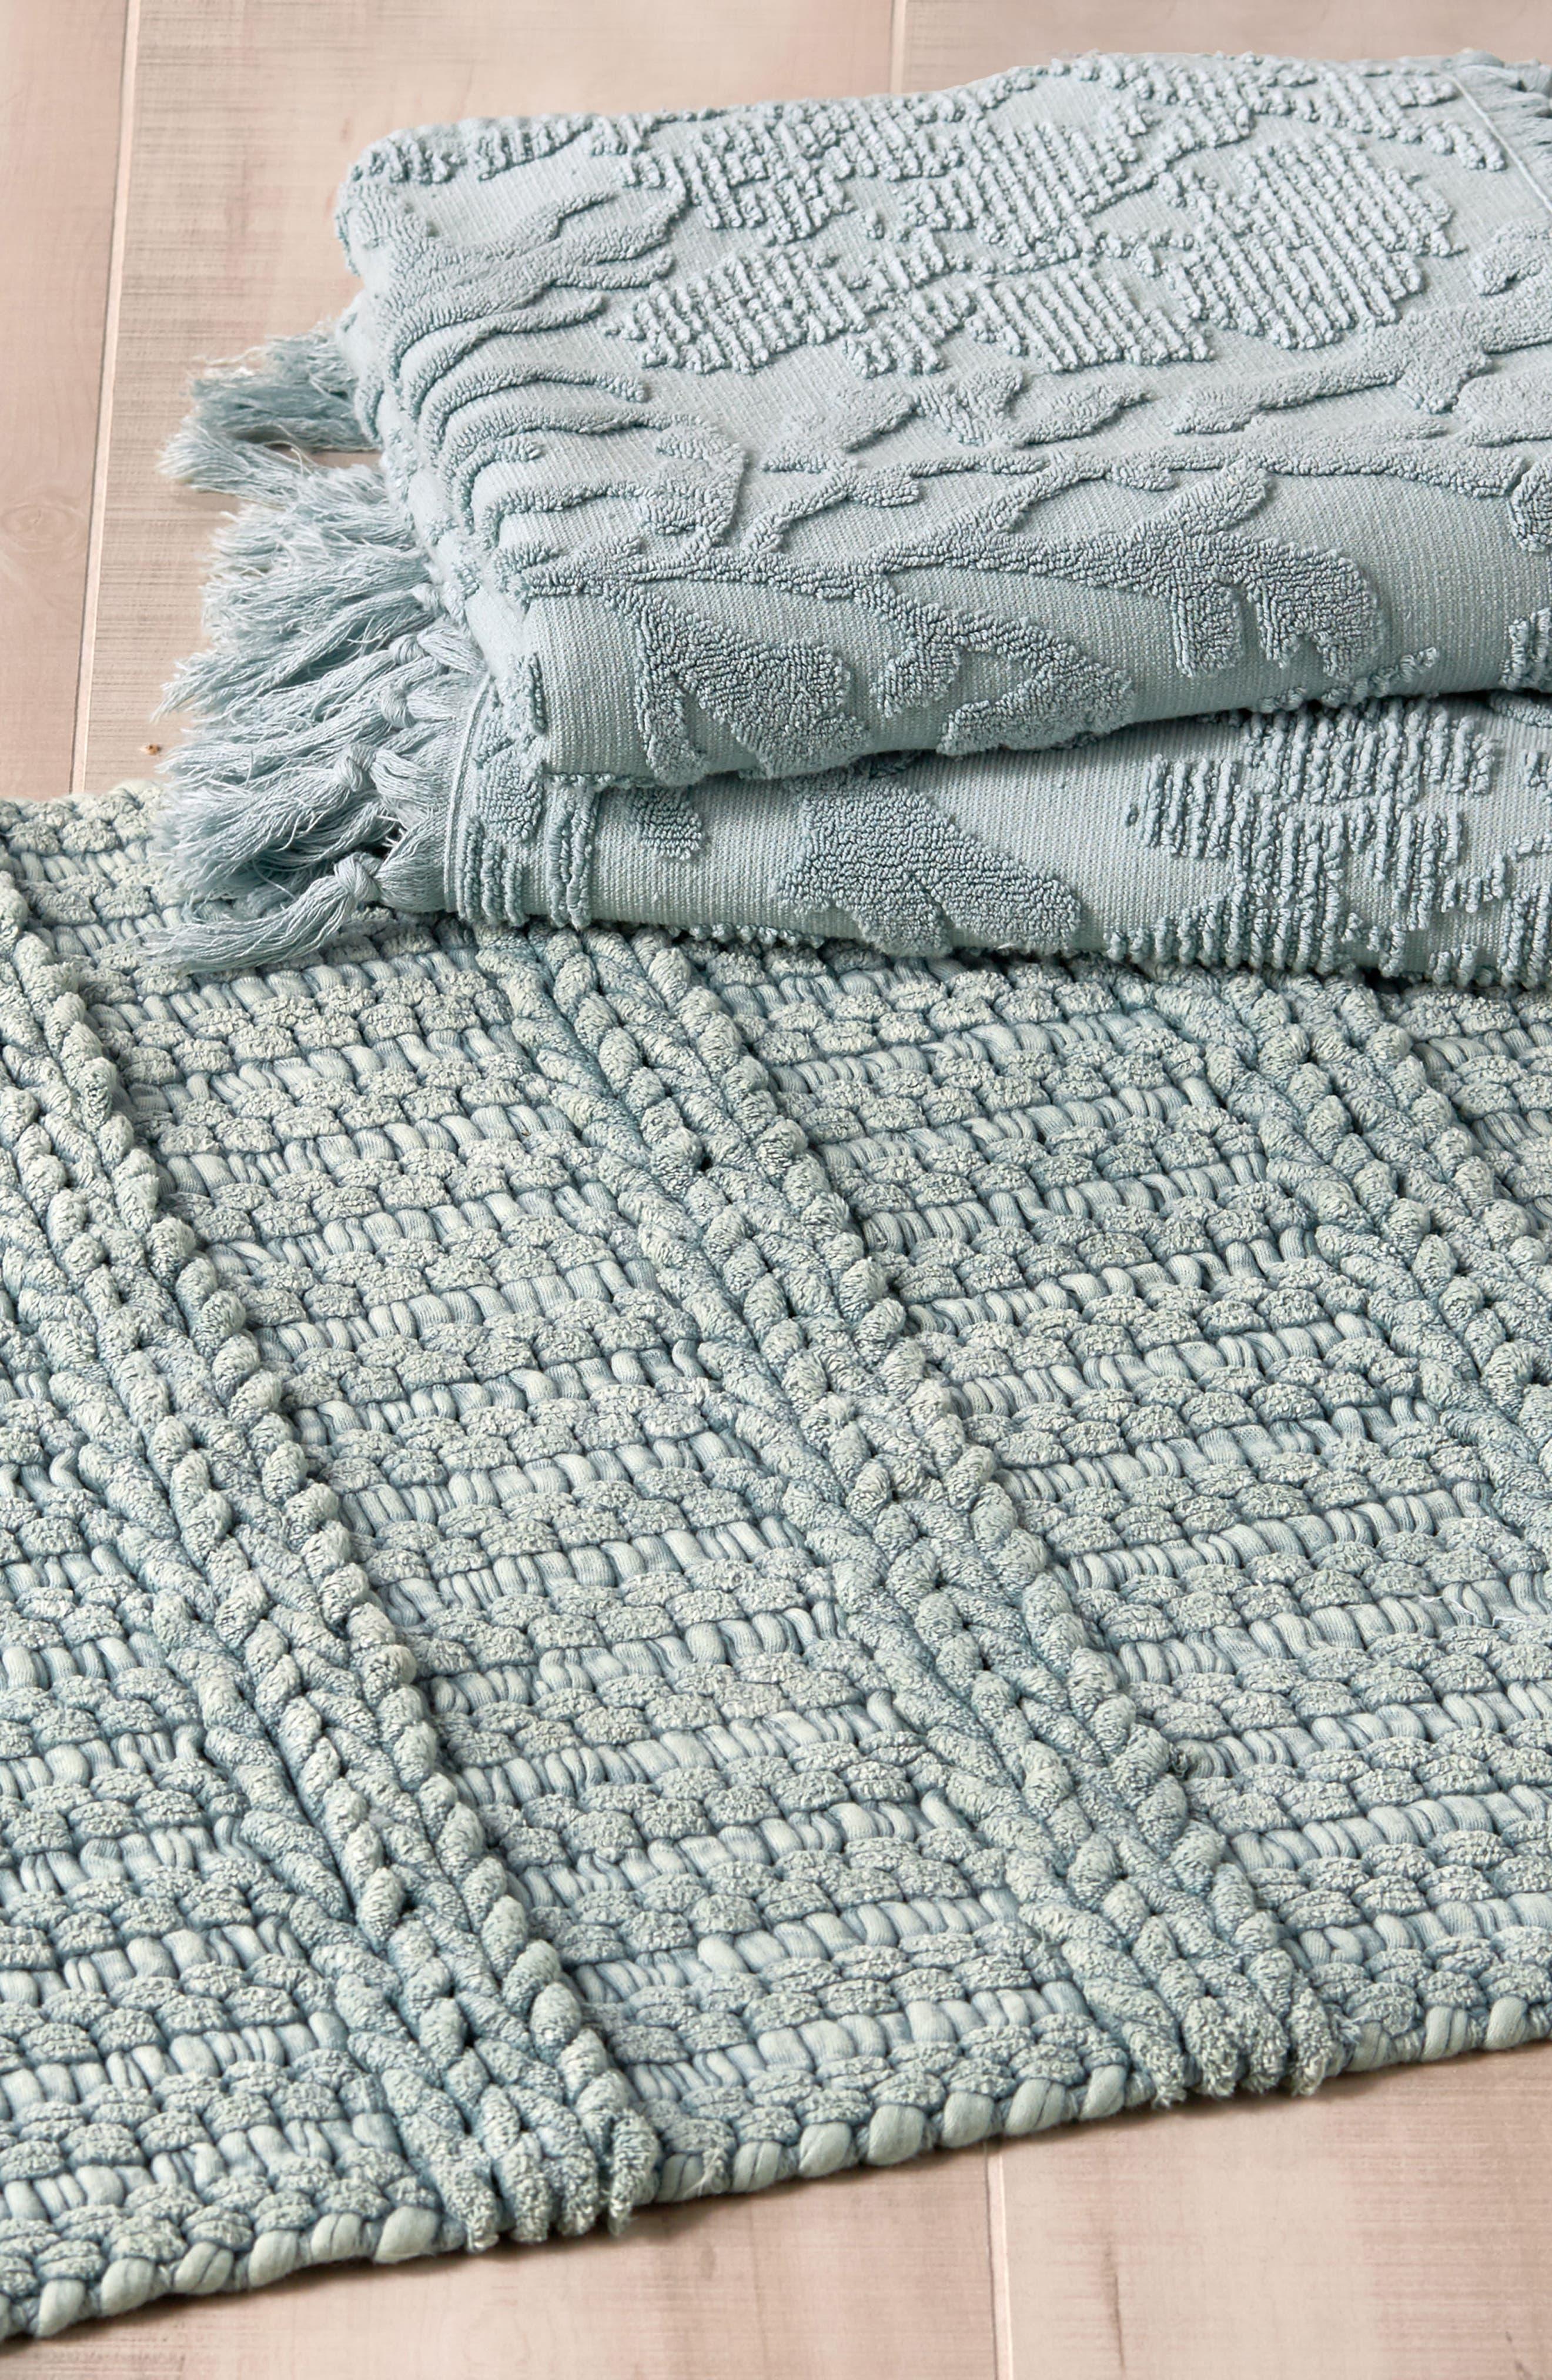 Main Image - Michael Aram Ocean Reef Bath Towel